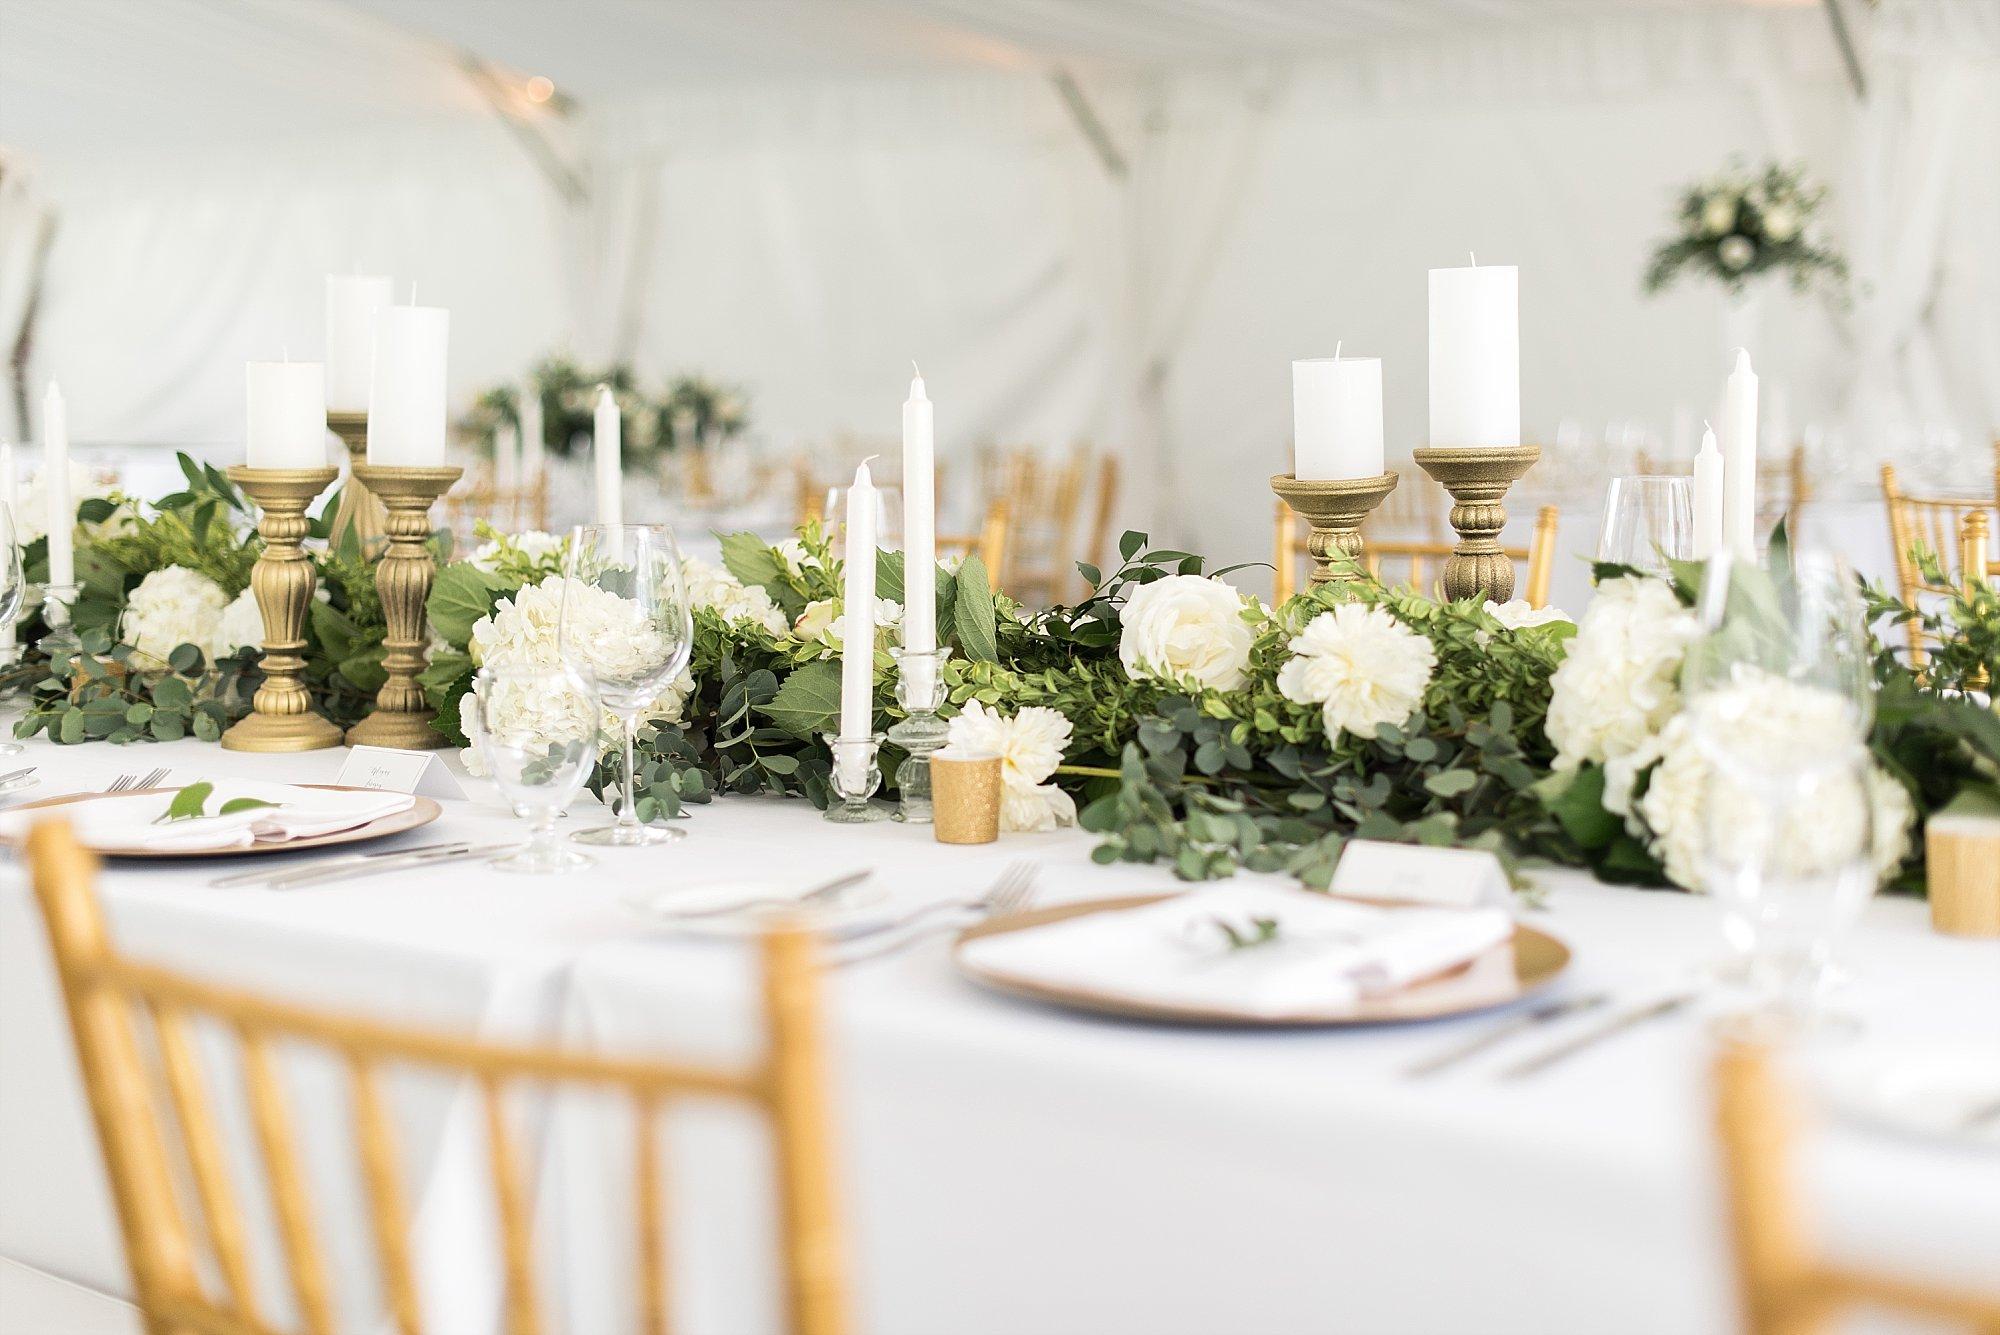 Vancouver Wedding Photography Hayley Rae Photography_0014.jpg